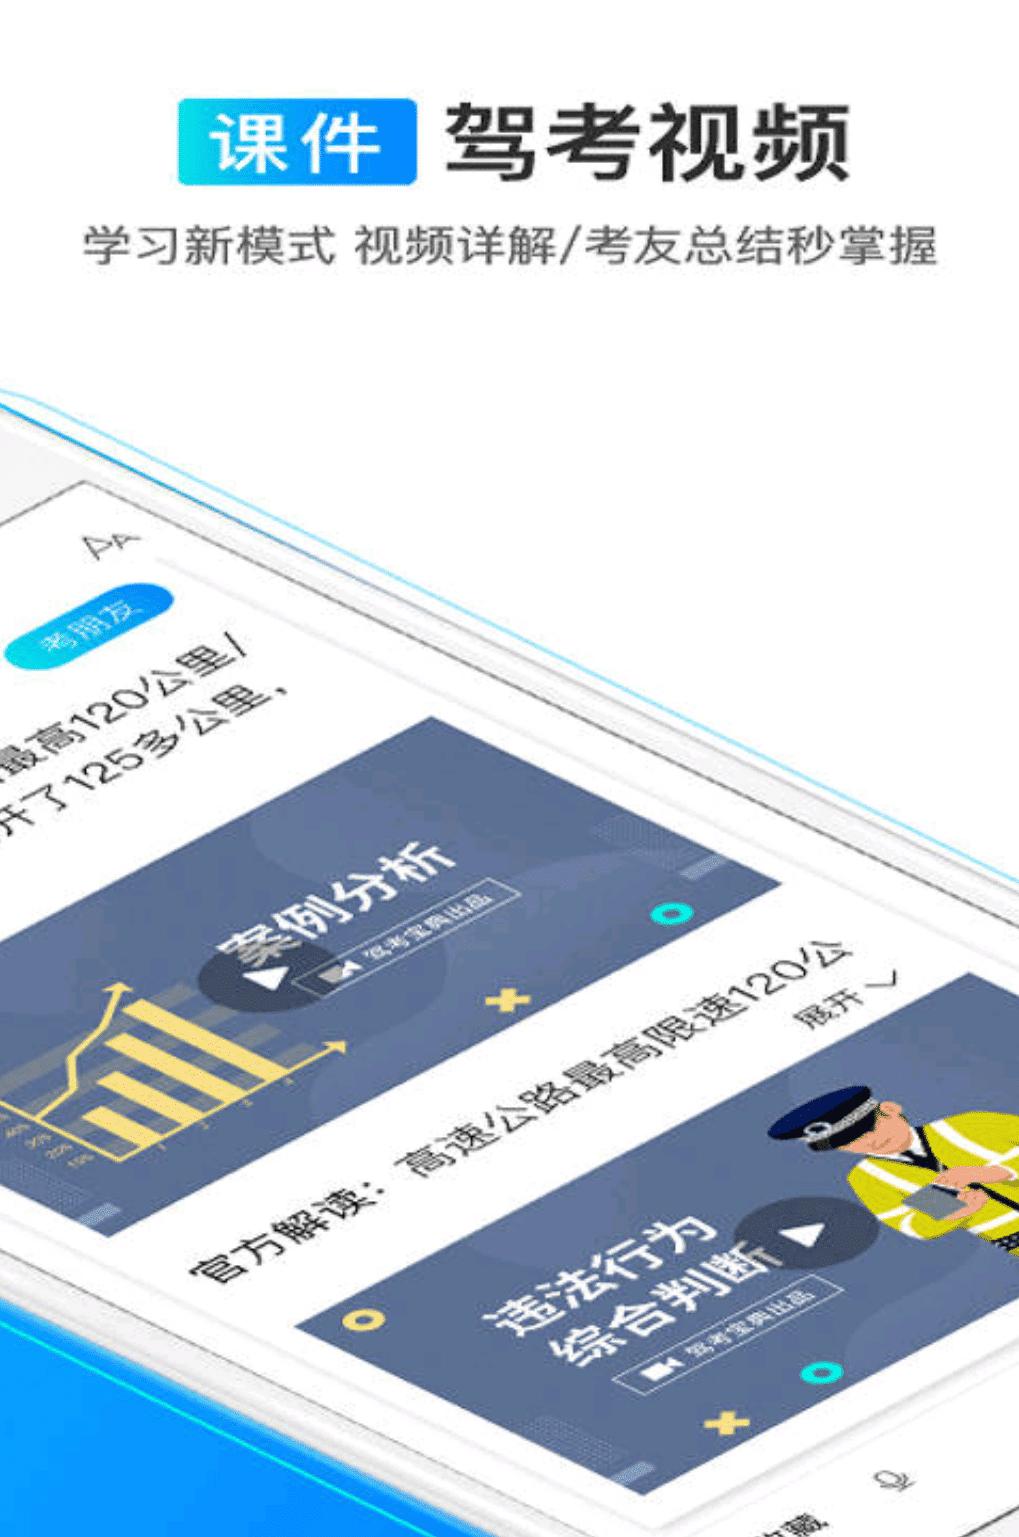 驾考宝典v7.3.2去广告/_去推荐_破解版